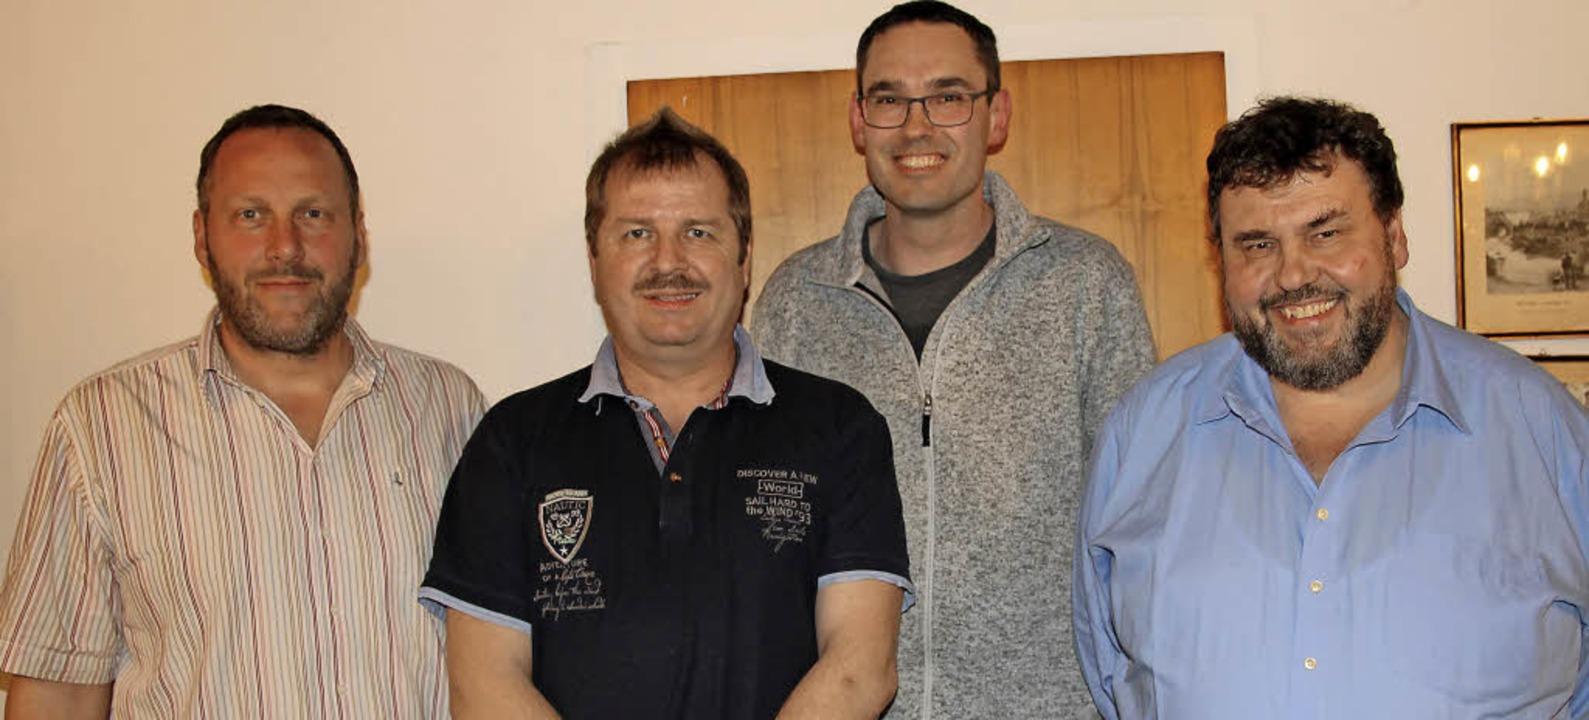 Der neu gewählte Vorstand des Kreisver... die Bundestagswahl nominiert wurde.    | Foto: Manfred Dinort